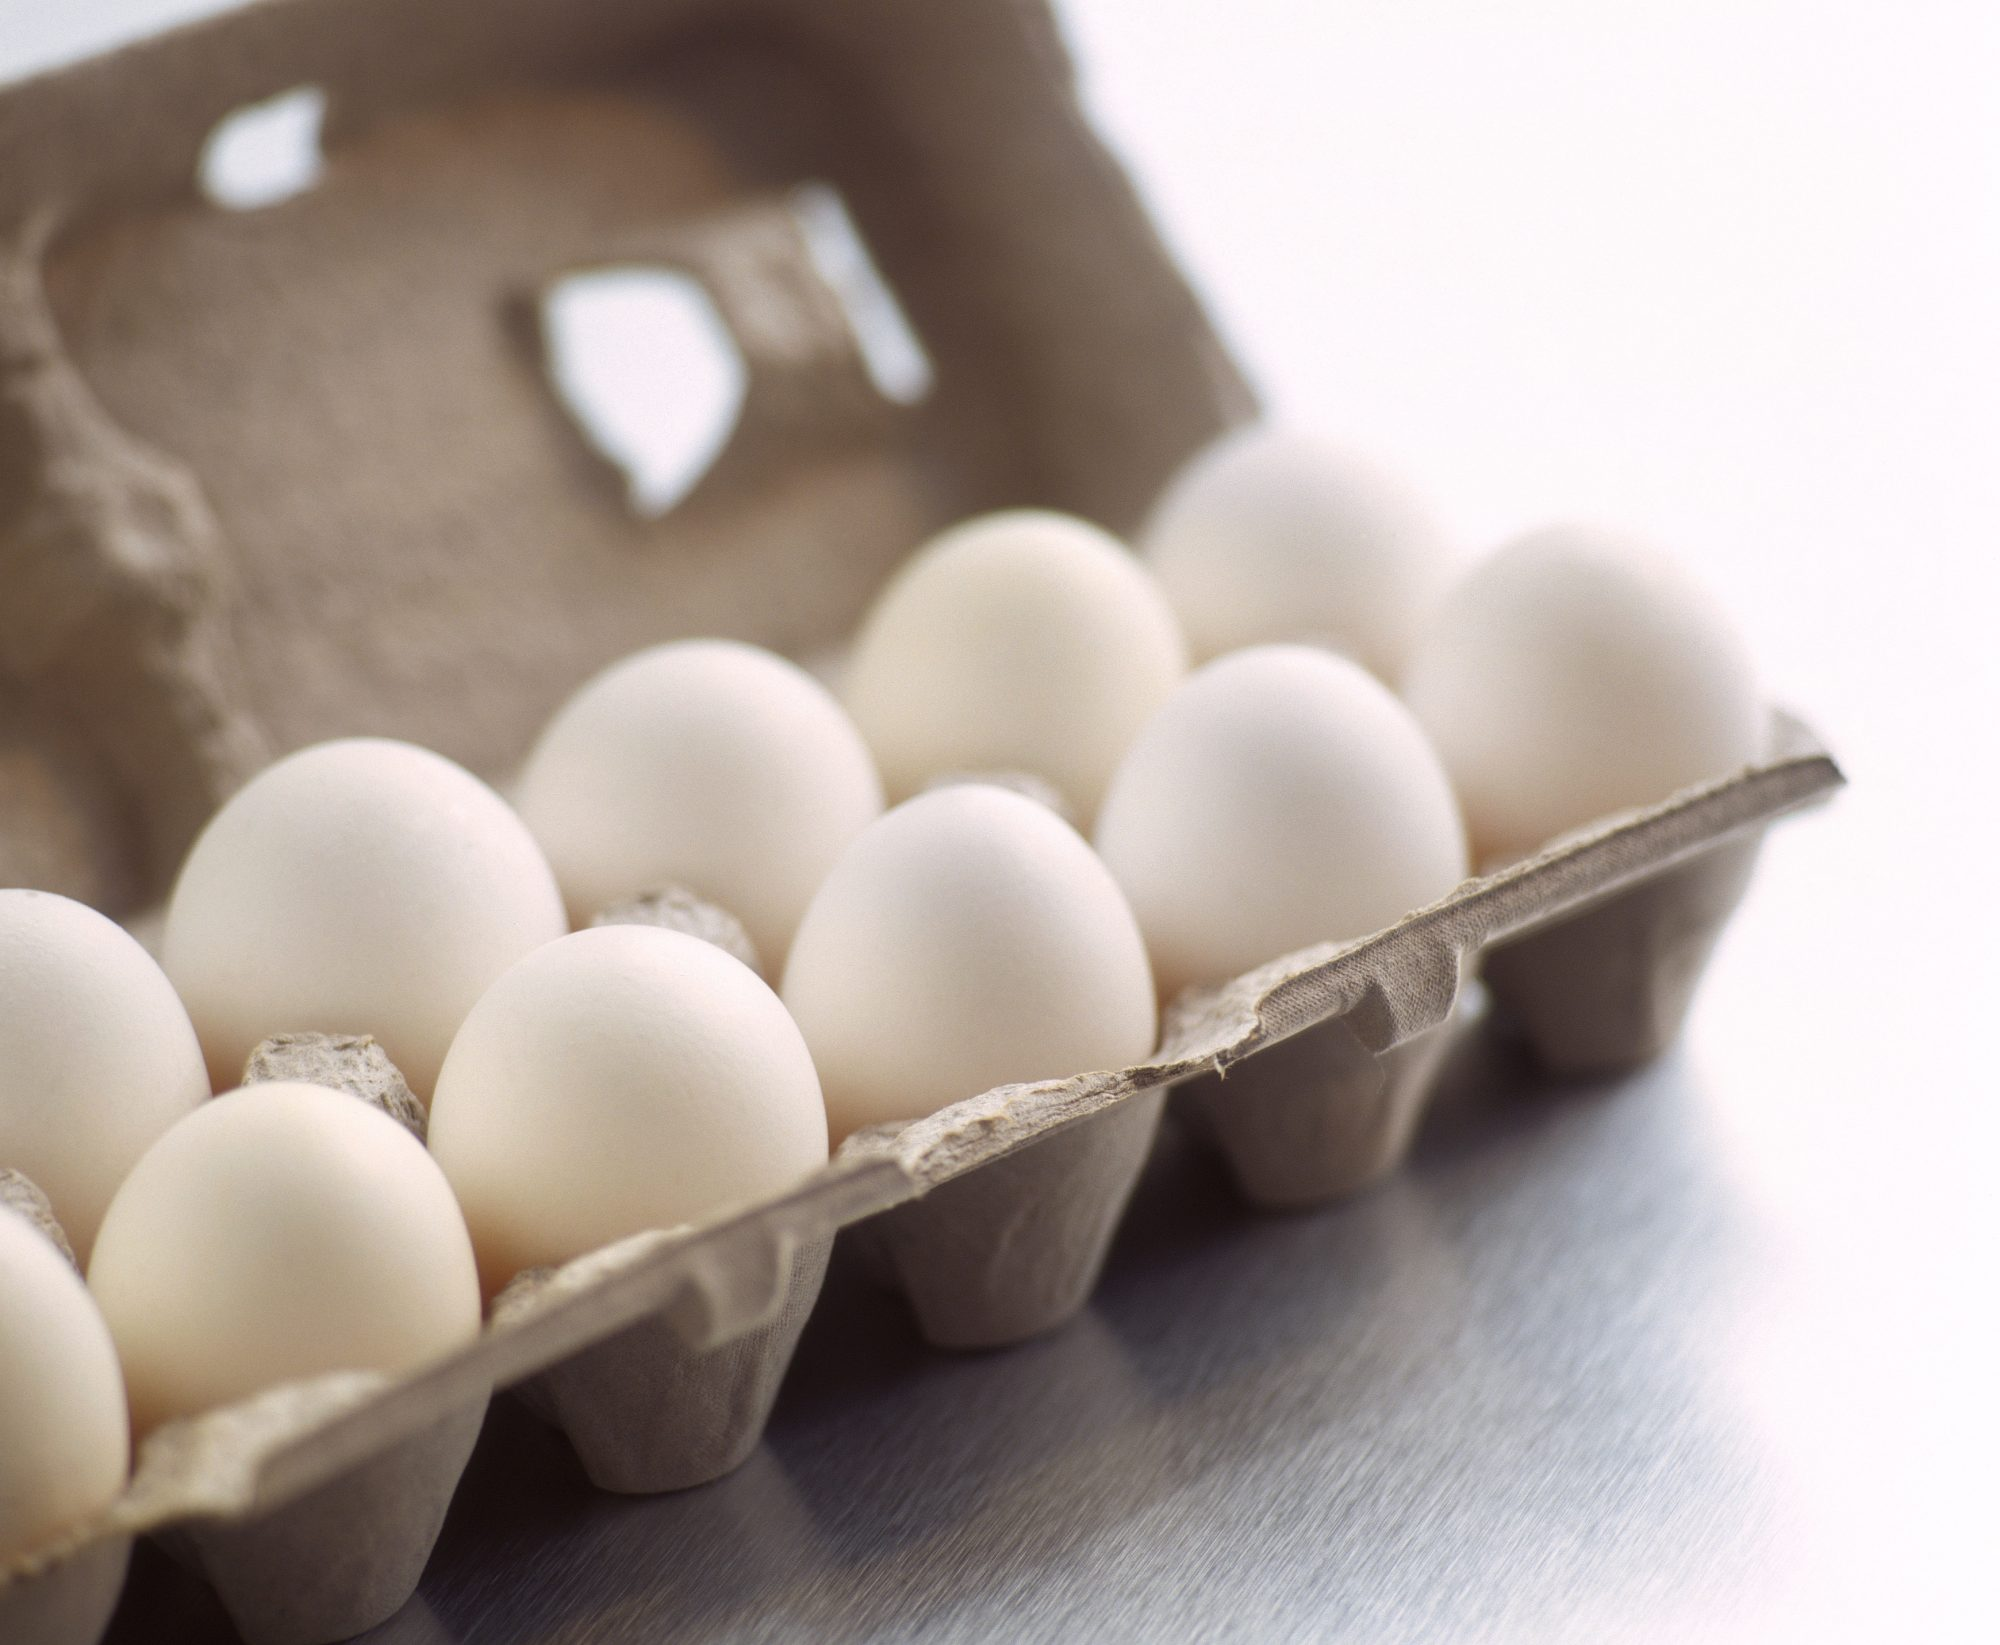 Eggs in carton Getty 7/13/20